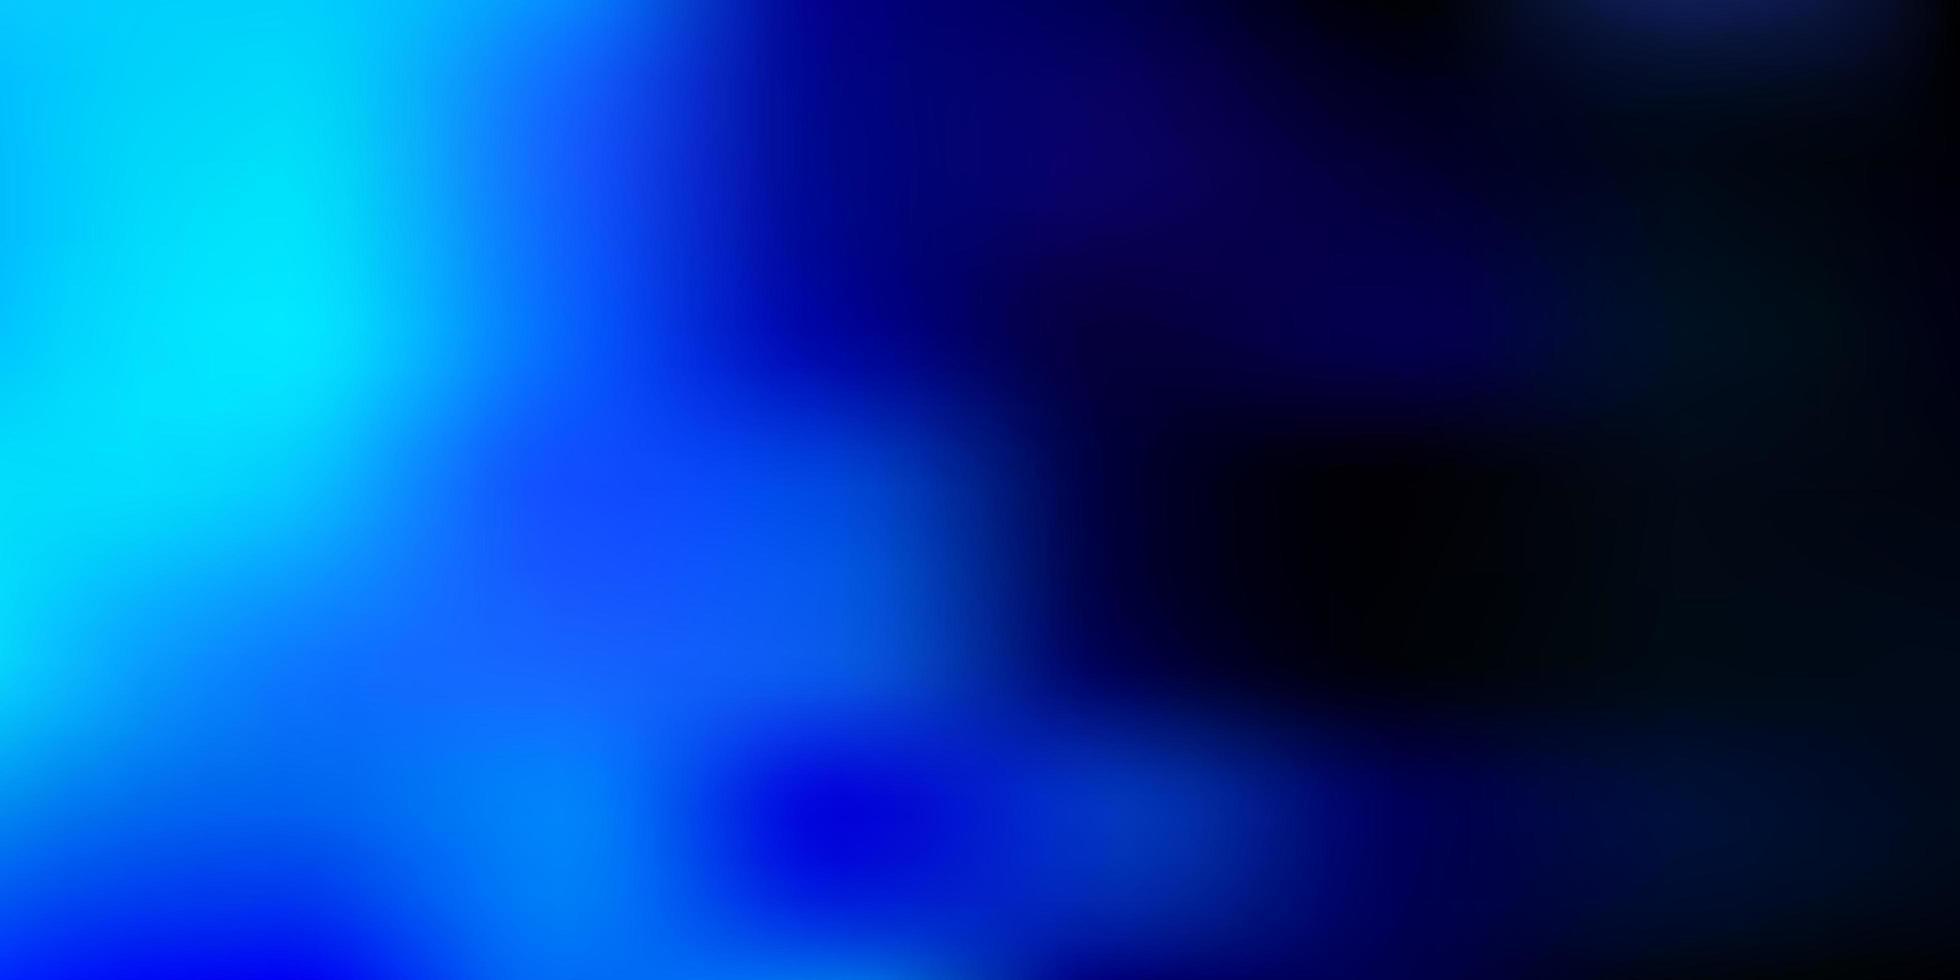 Light blue vector abstract blur pattern.